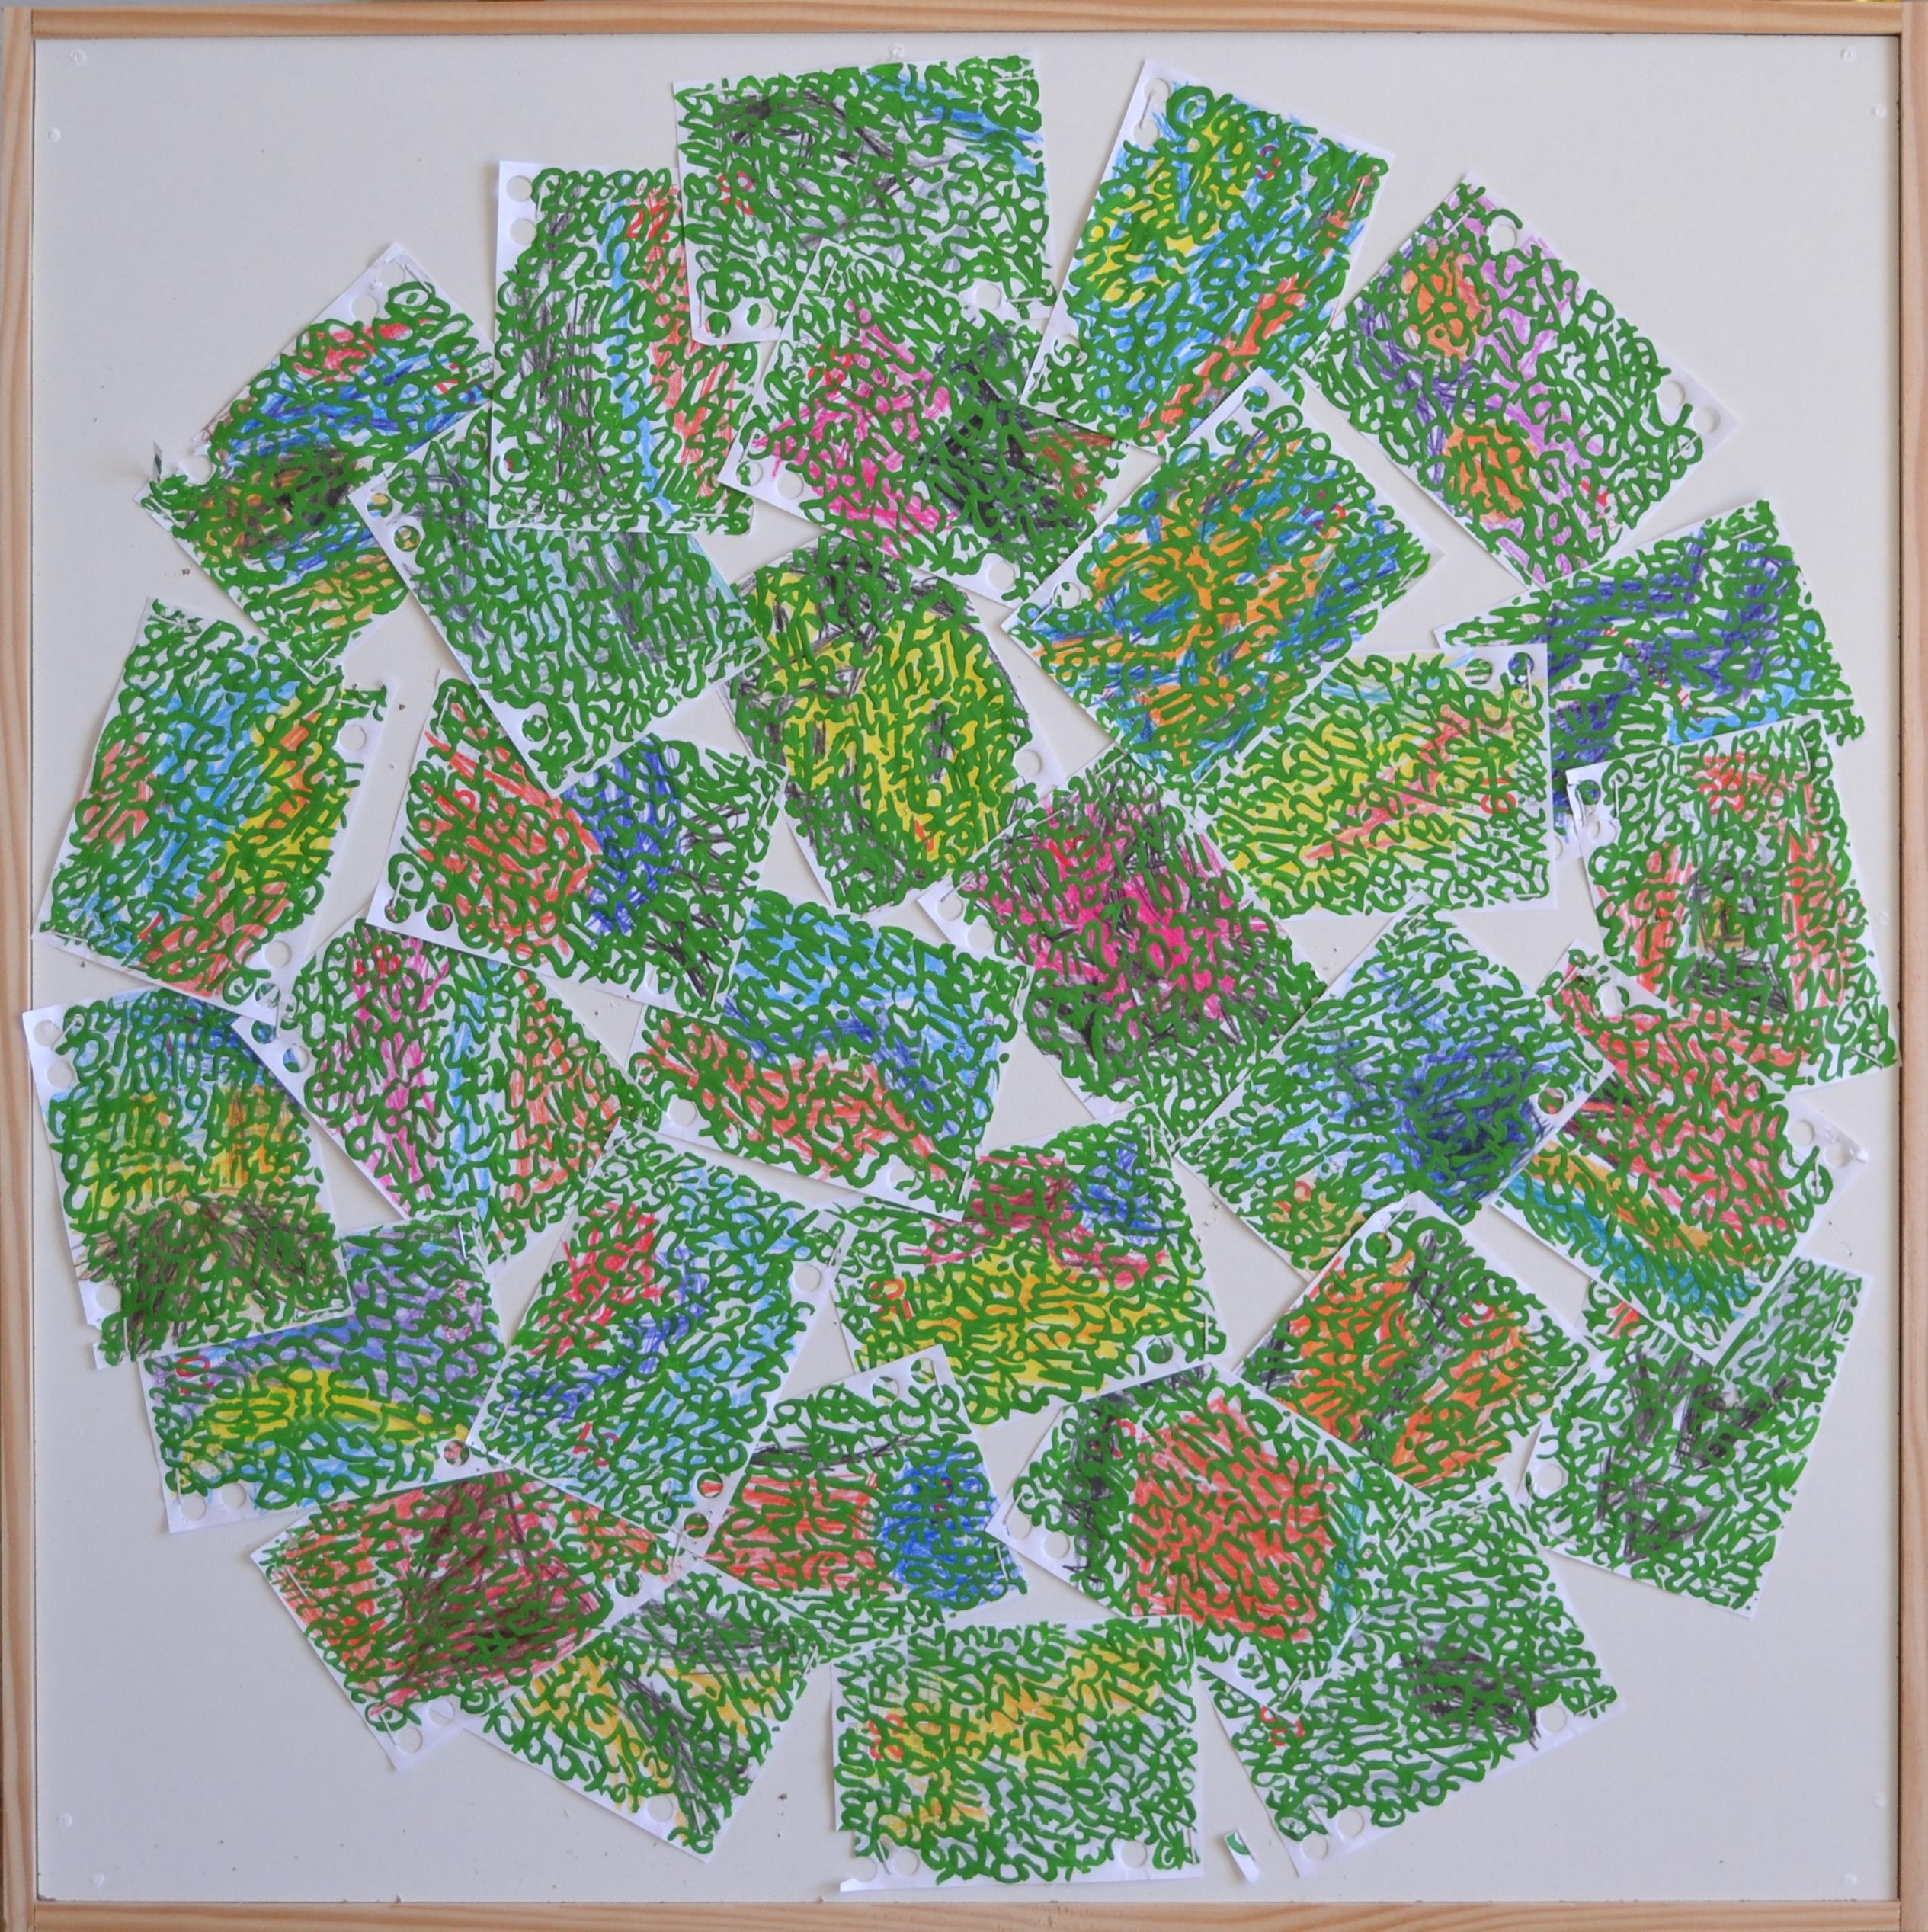 Mappemonde Ephéméride 2018, mois de Juillet, 7/12, crayons de couleur et acrylique sur papiers agrafés sur bois, 59 x 59 cm.